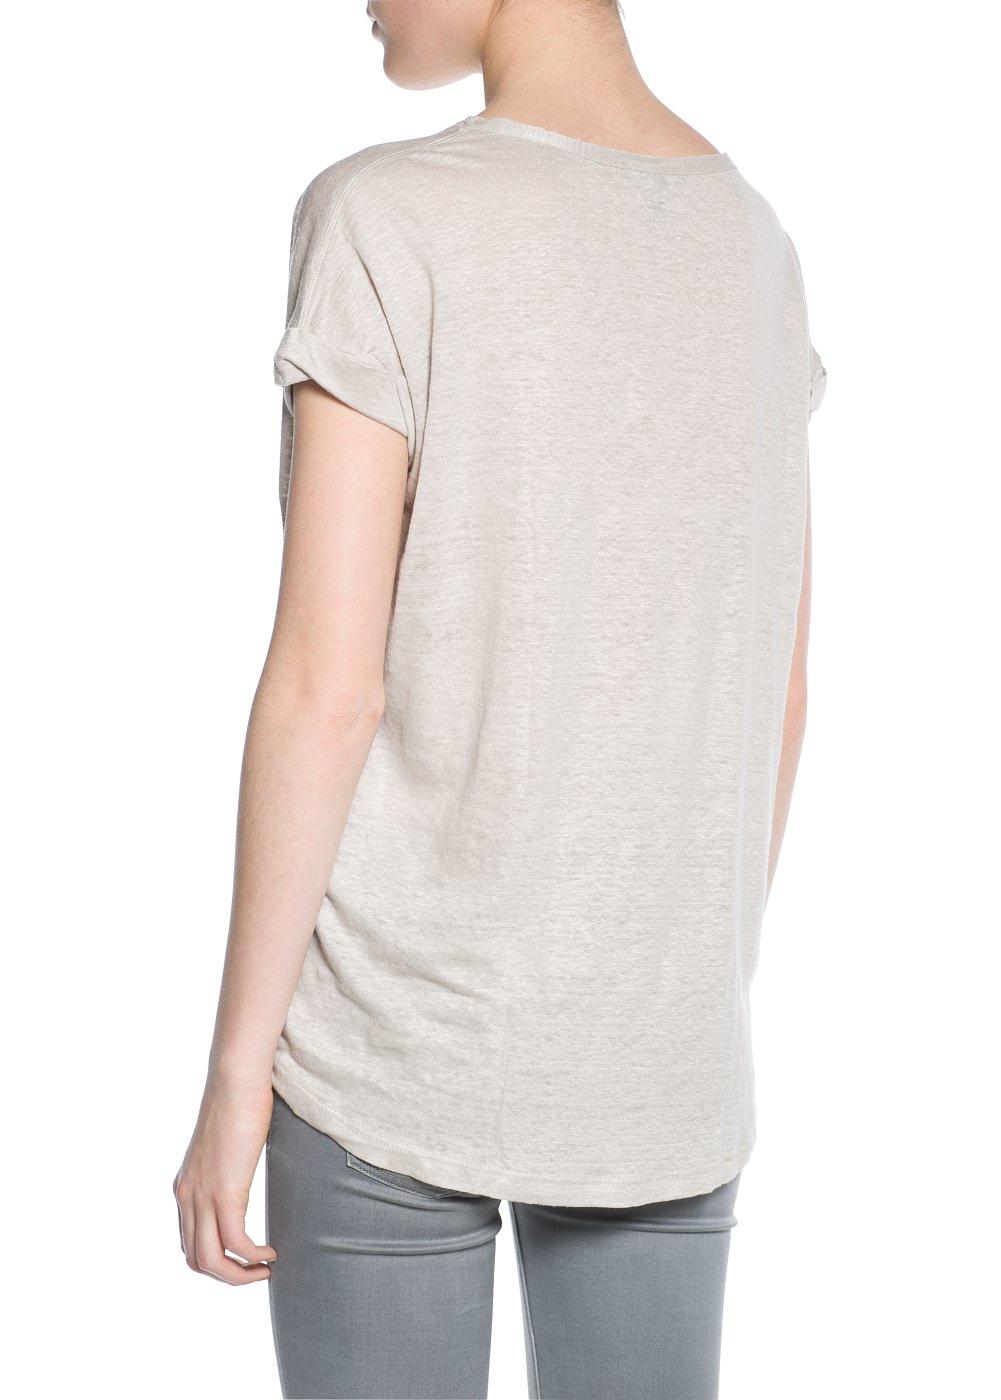 Linnen T-shirt -  T-shirts en tops - Dames - MANGO